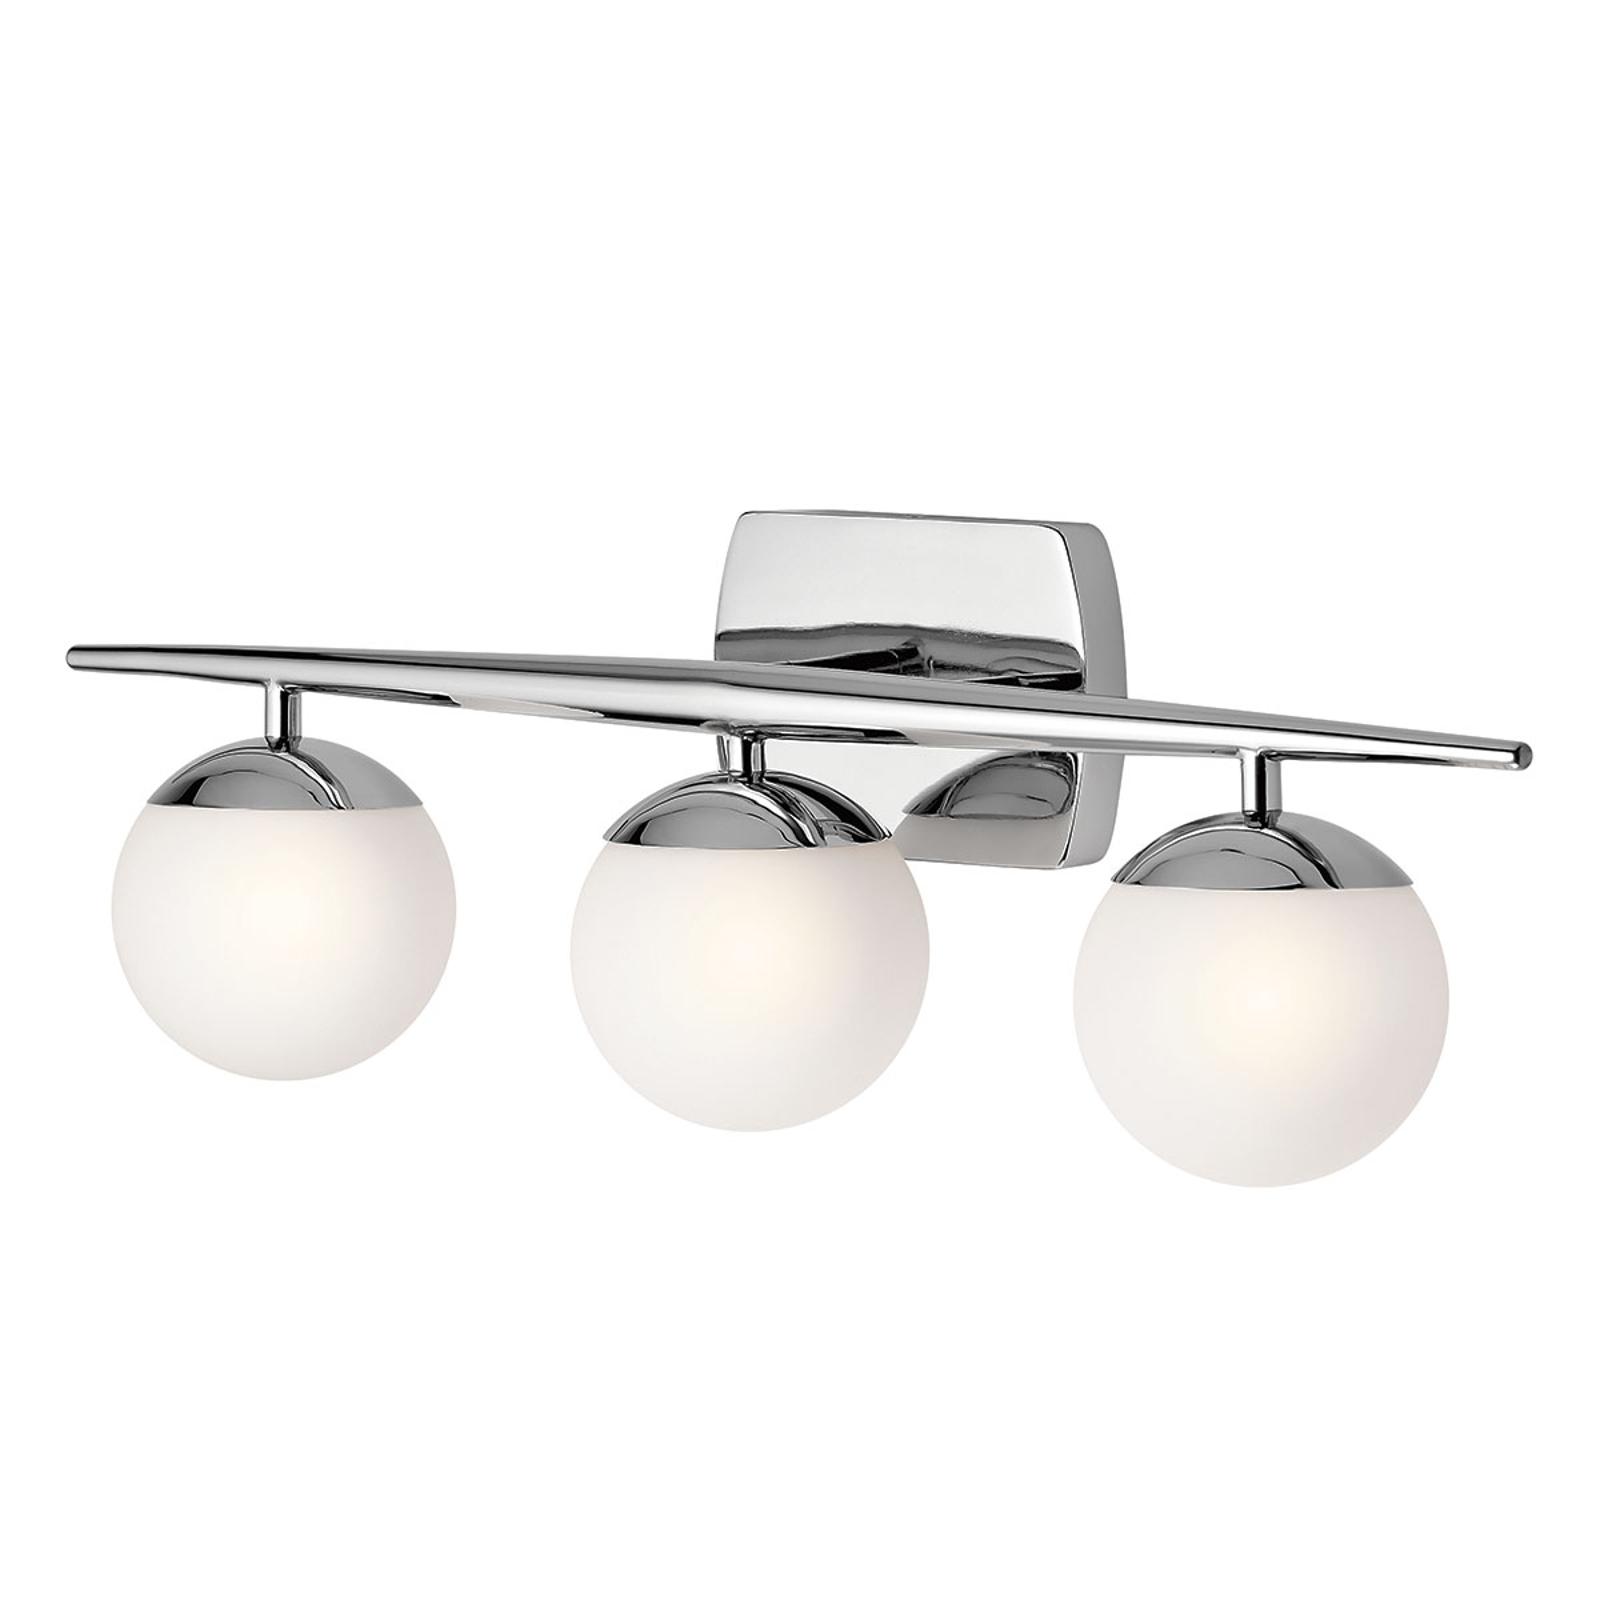 Applique pour salle de bain LED Jasper à 3 lampes